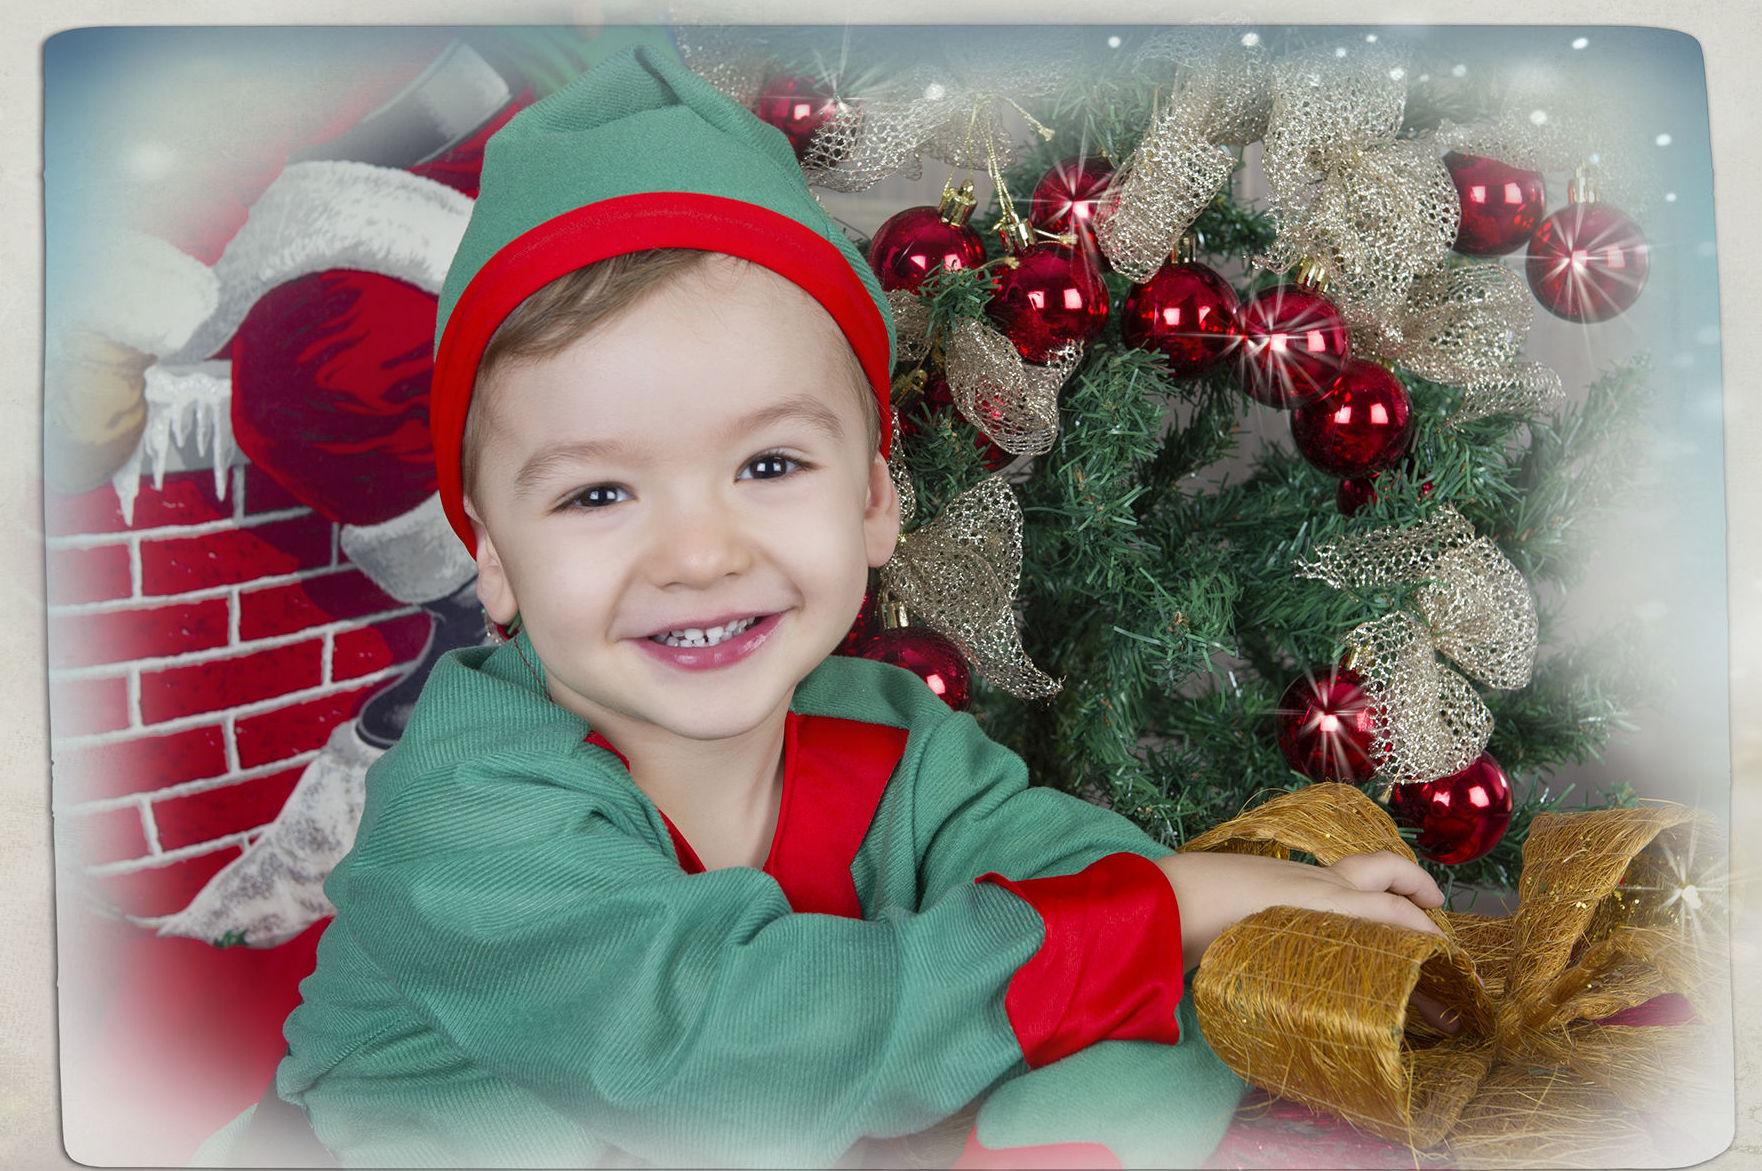 Felicita la Navidad con fotografías